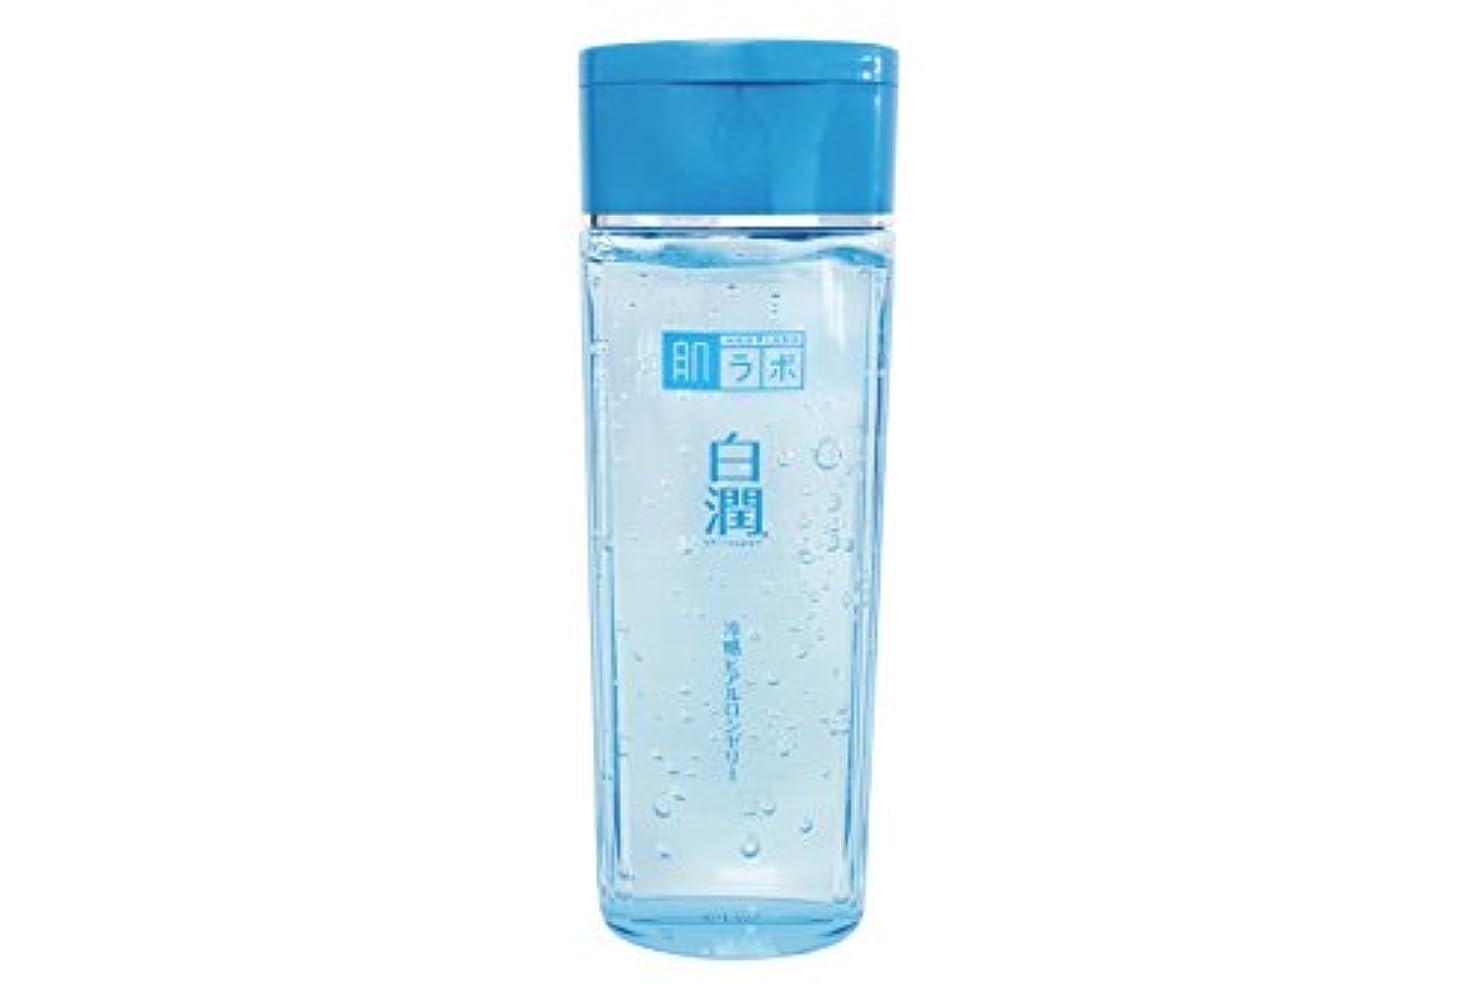 してはいけません雑多な困惑肌ラボ 白潤 冷感ヒアルロンゼリー 化粧水?乳液?美容液?収れん?パックの5役 4つの潤い成分配合 200mL